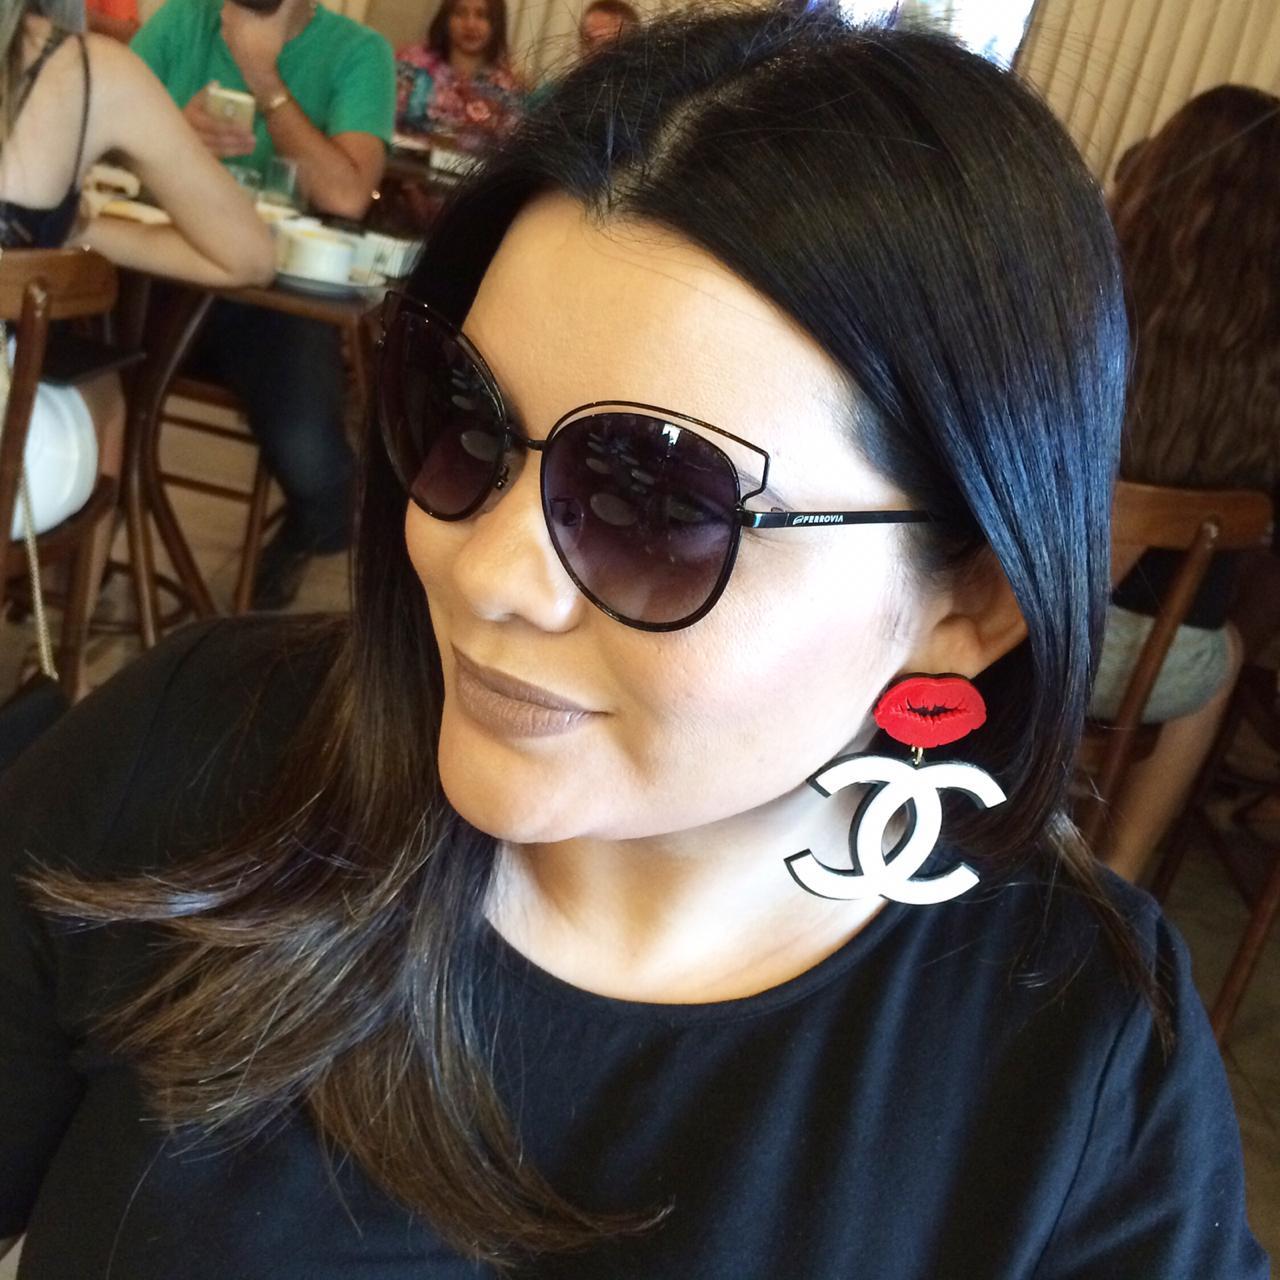 Rackel Meneses é influenciadora digital e uma apaixonada por óculos. No seu  guarda-roupa, ela já contabiliza 42 modelos diferentes. 89167eba8f